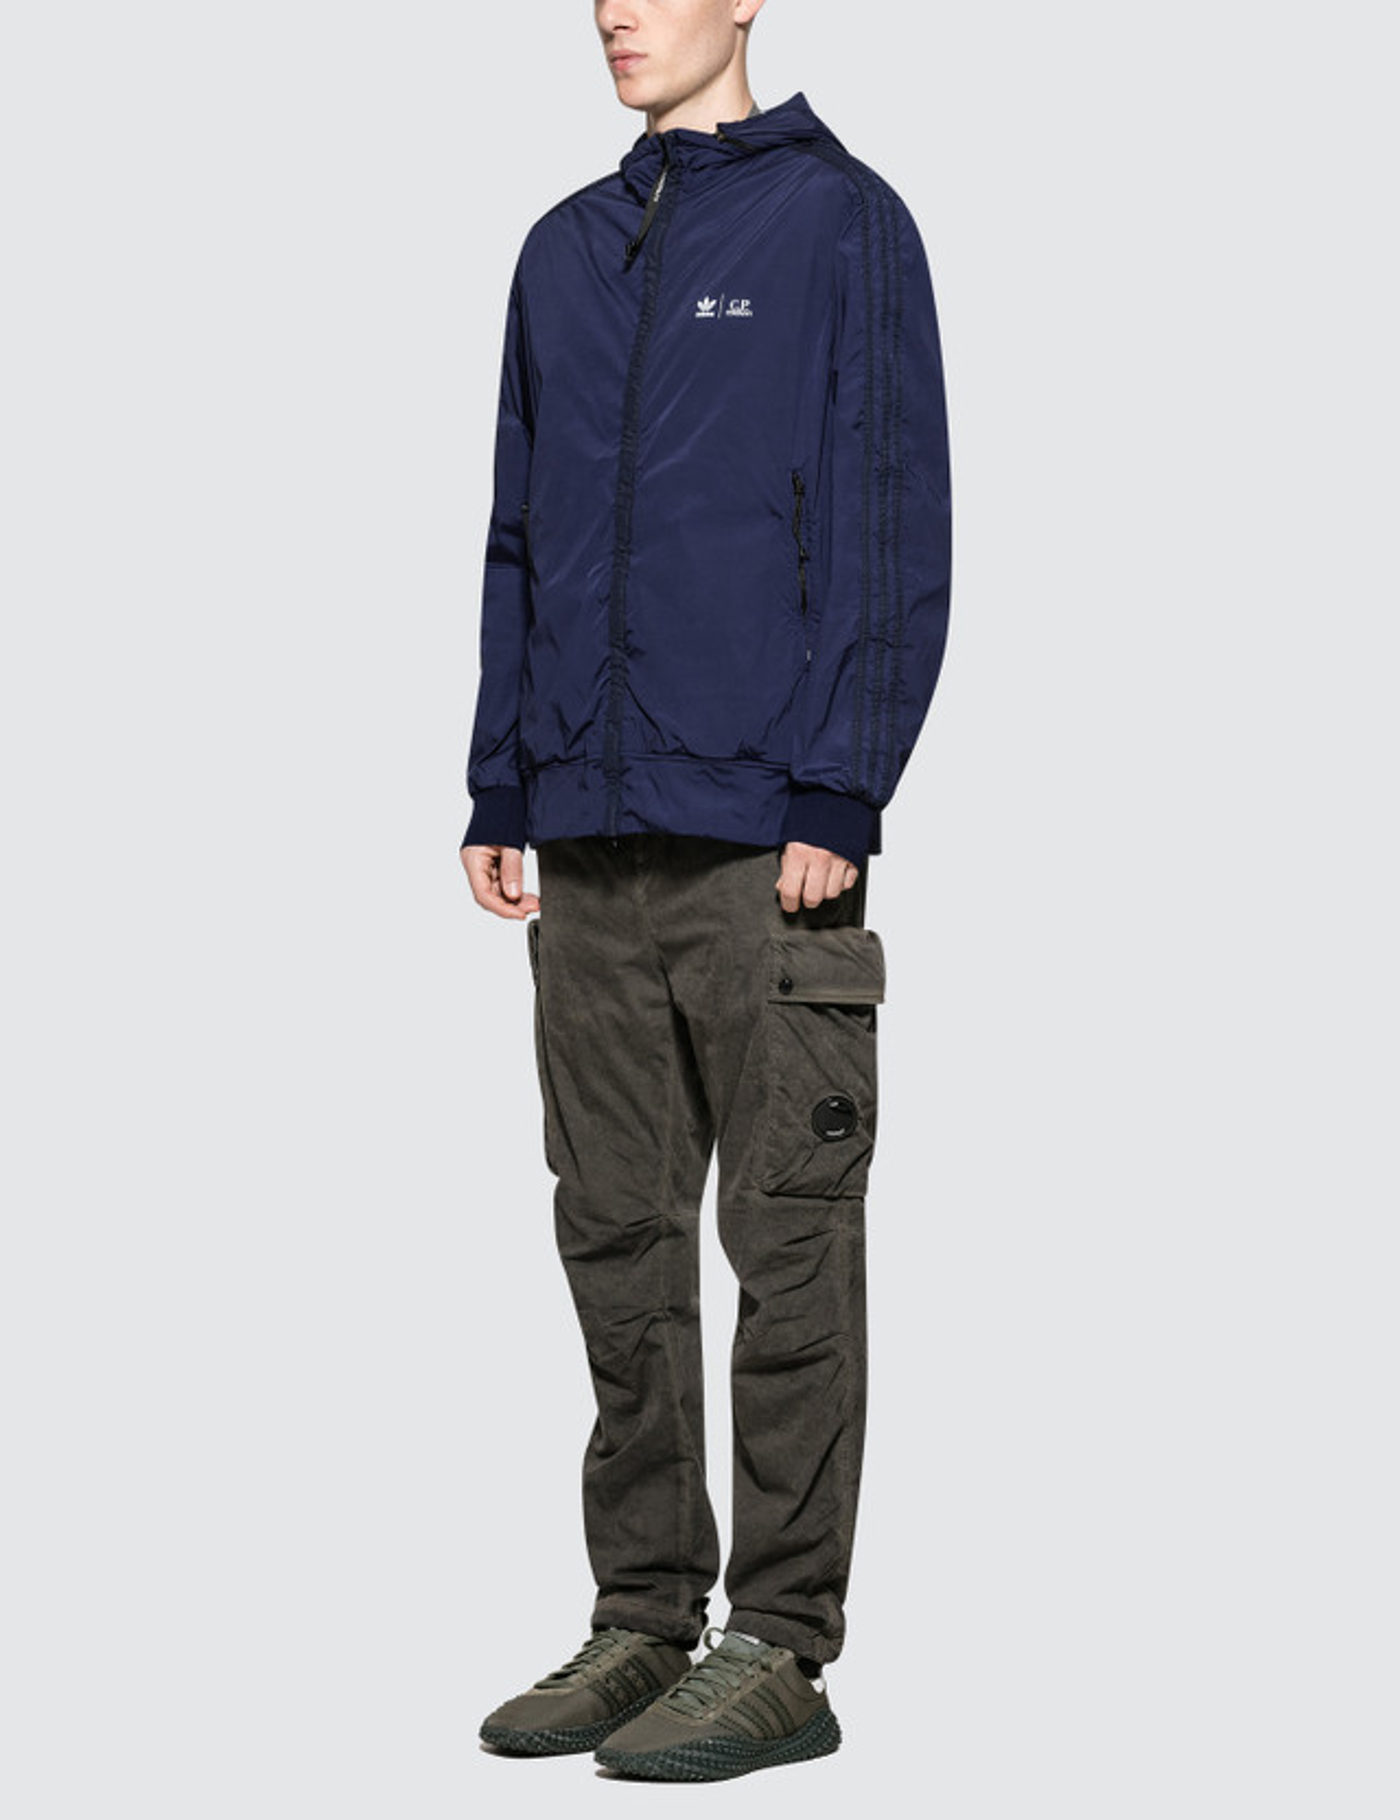 Adidas Originals Cp Company X Adidas Track Top Hbx